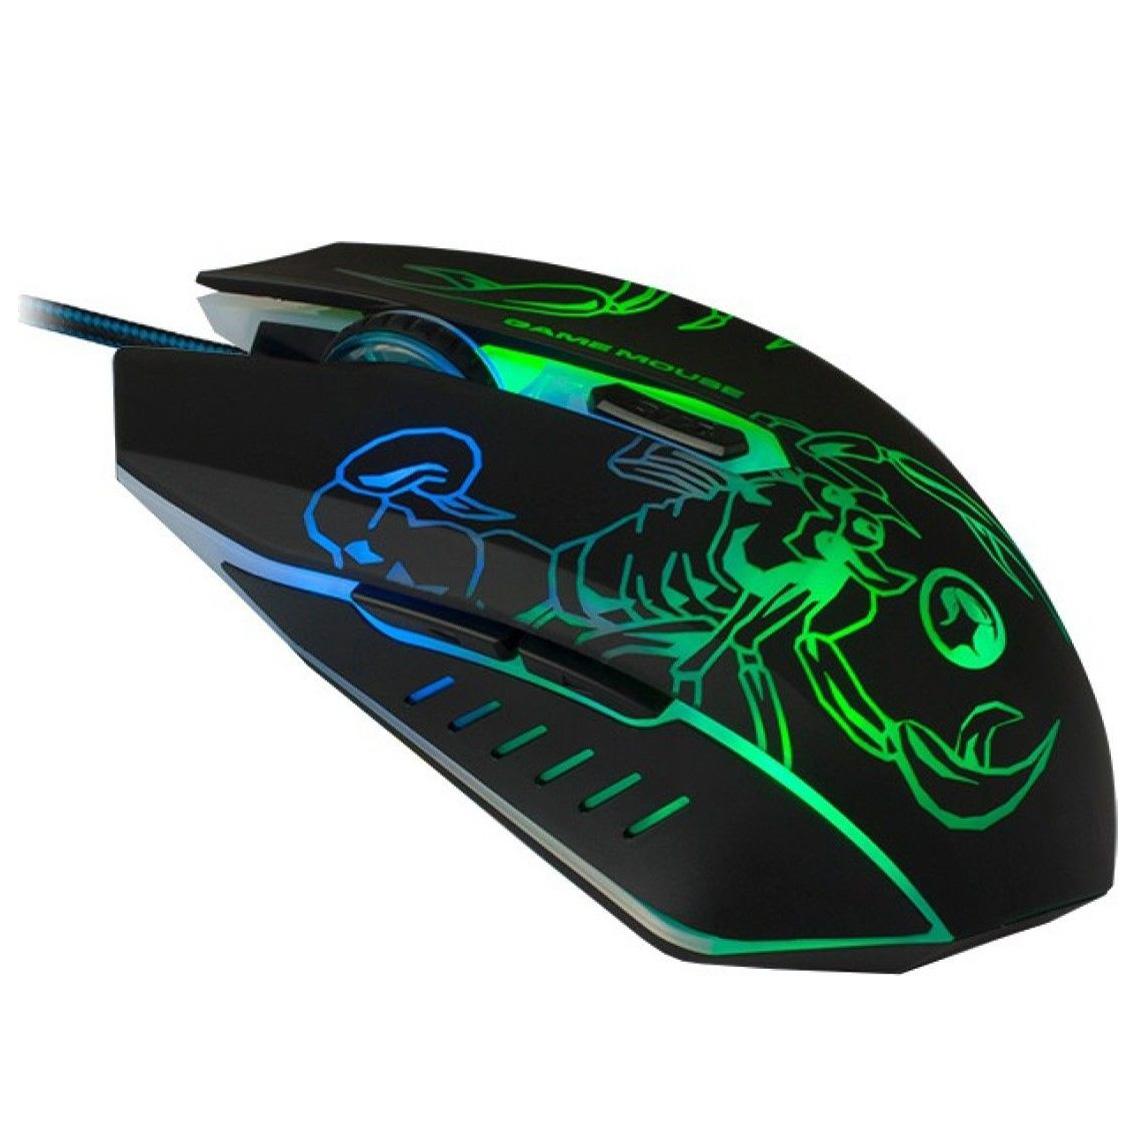 עכבר גיימינג Marvo Gaming Mouse M316